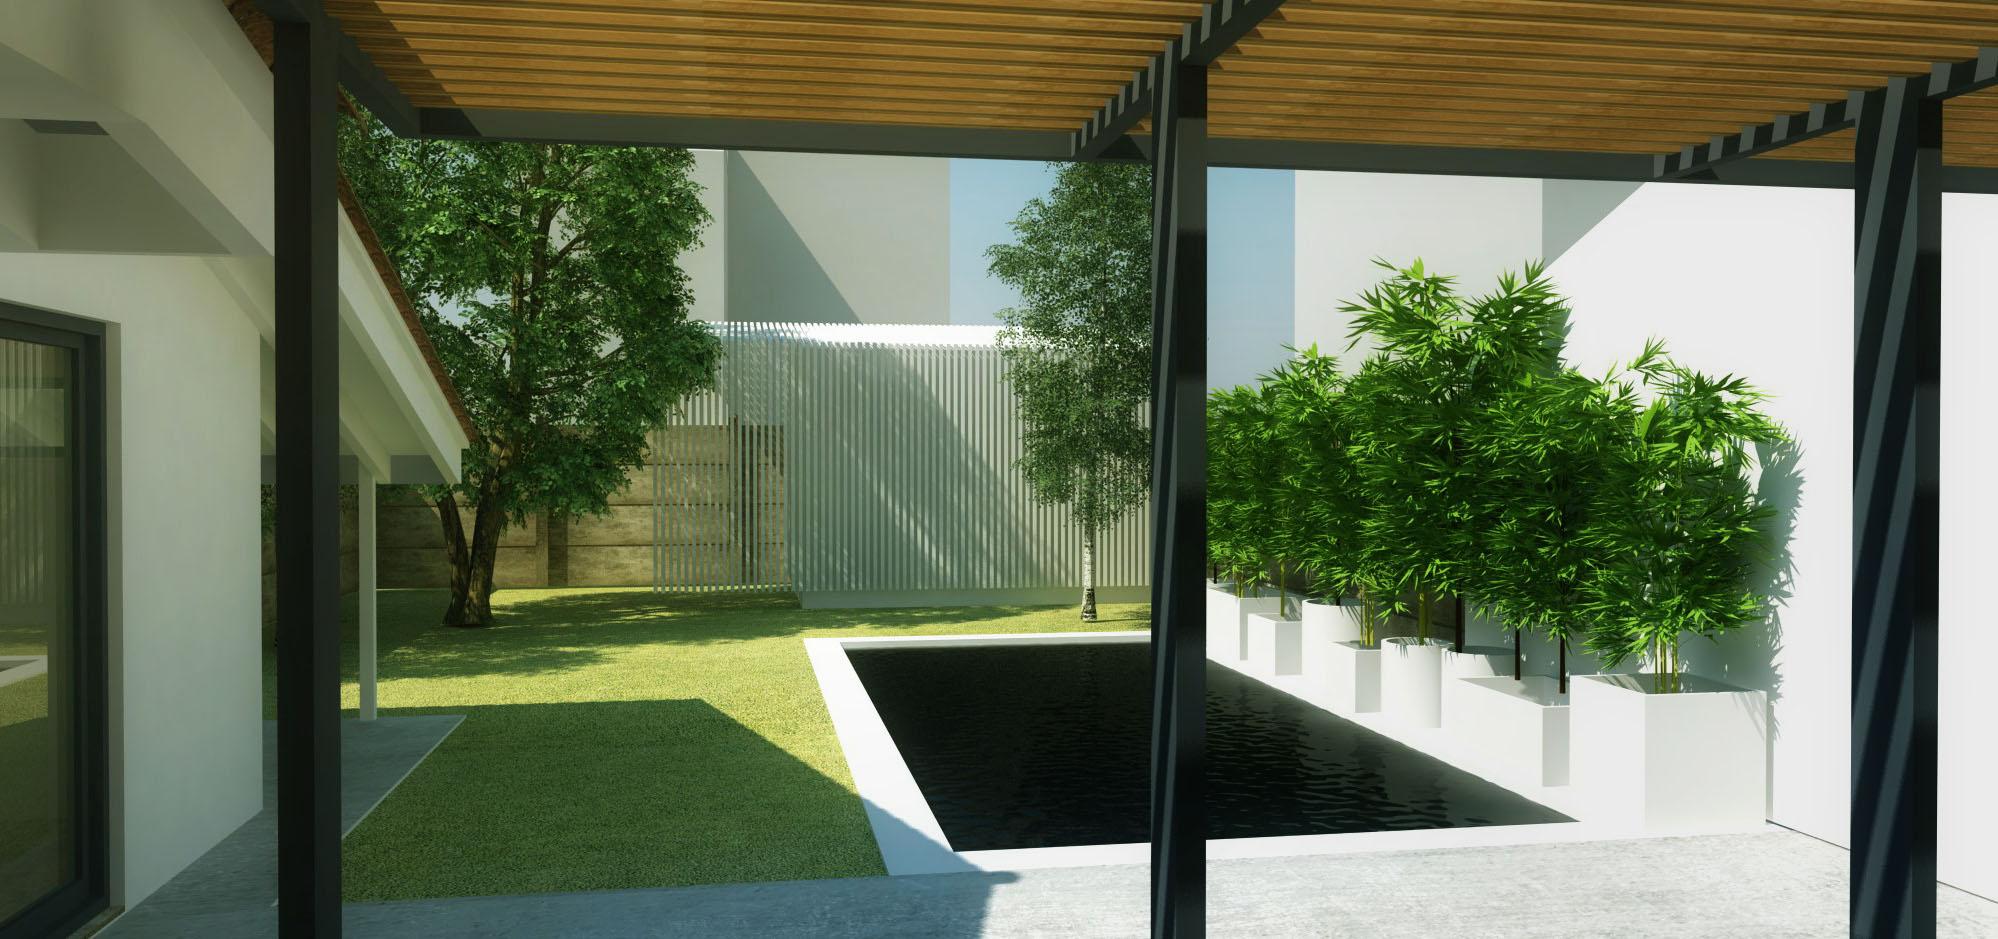 Construction d'un bungalow, d'une piscine et aménagement d'un jardin à Bordeaux